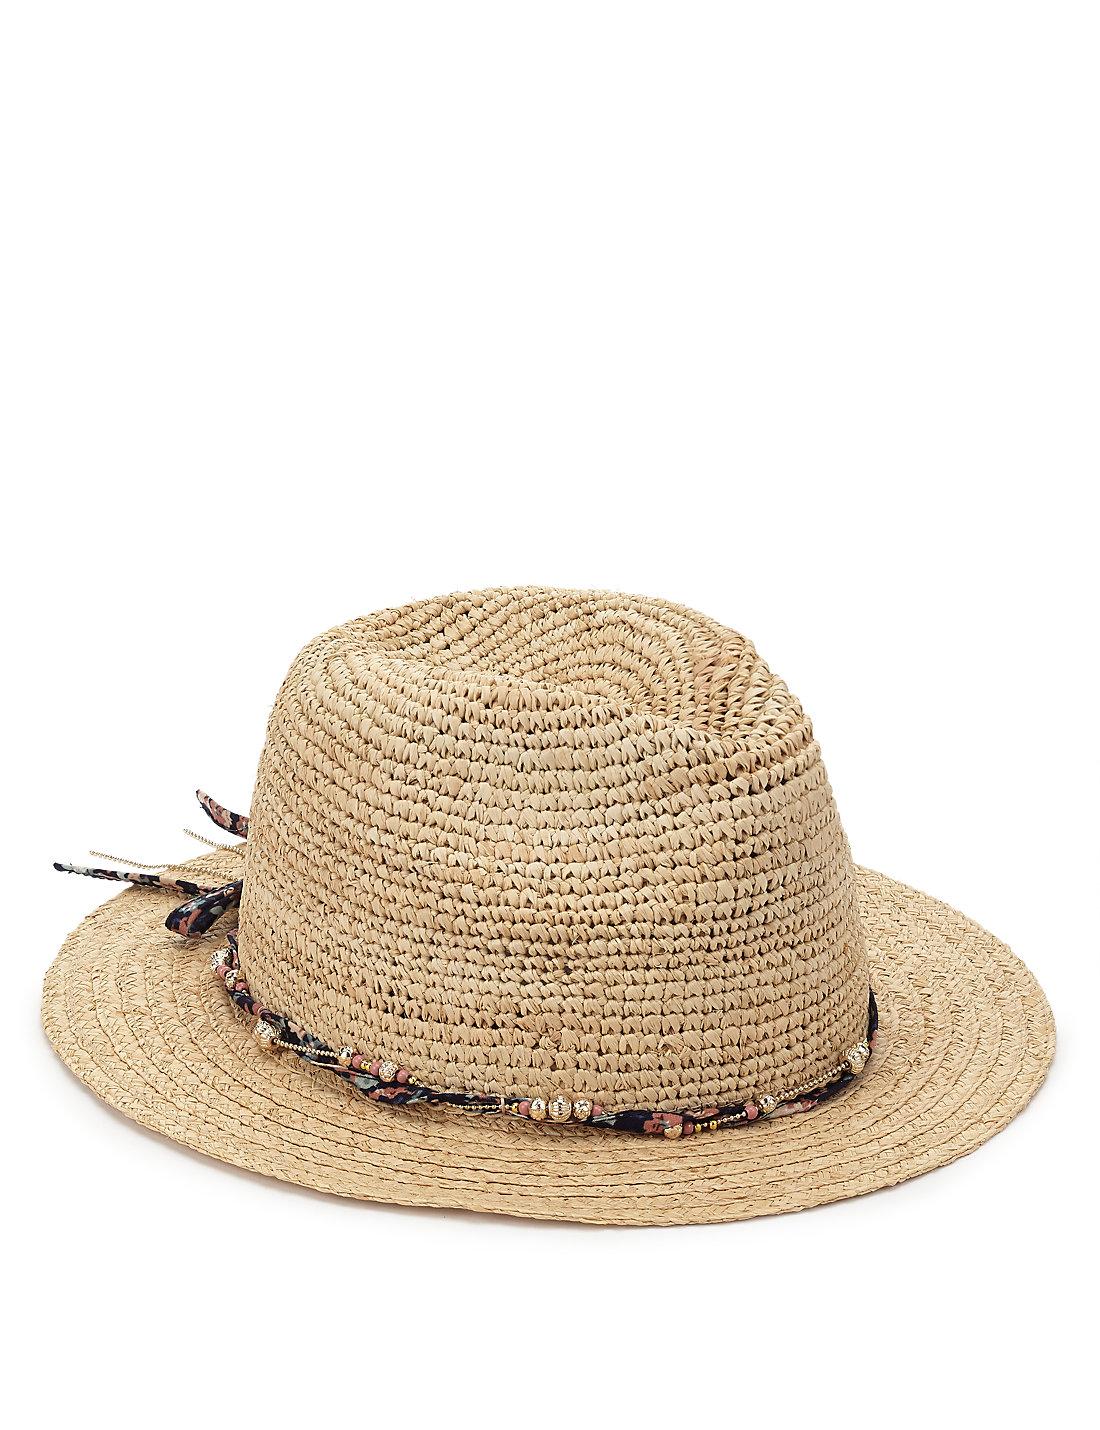 da5d46b76f334c Catarzi Flat Top Wide Brim Hat